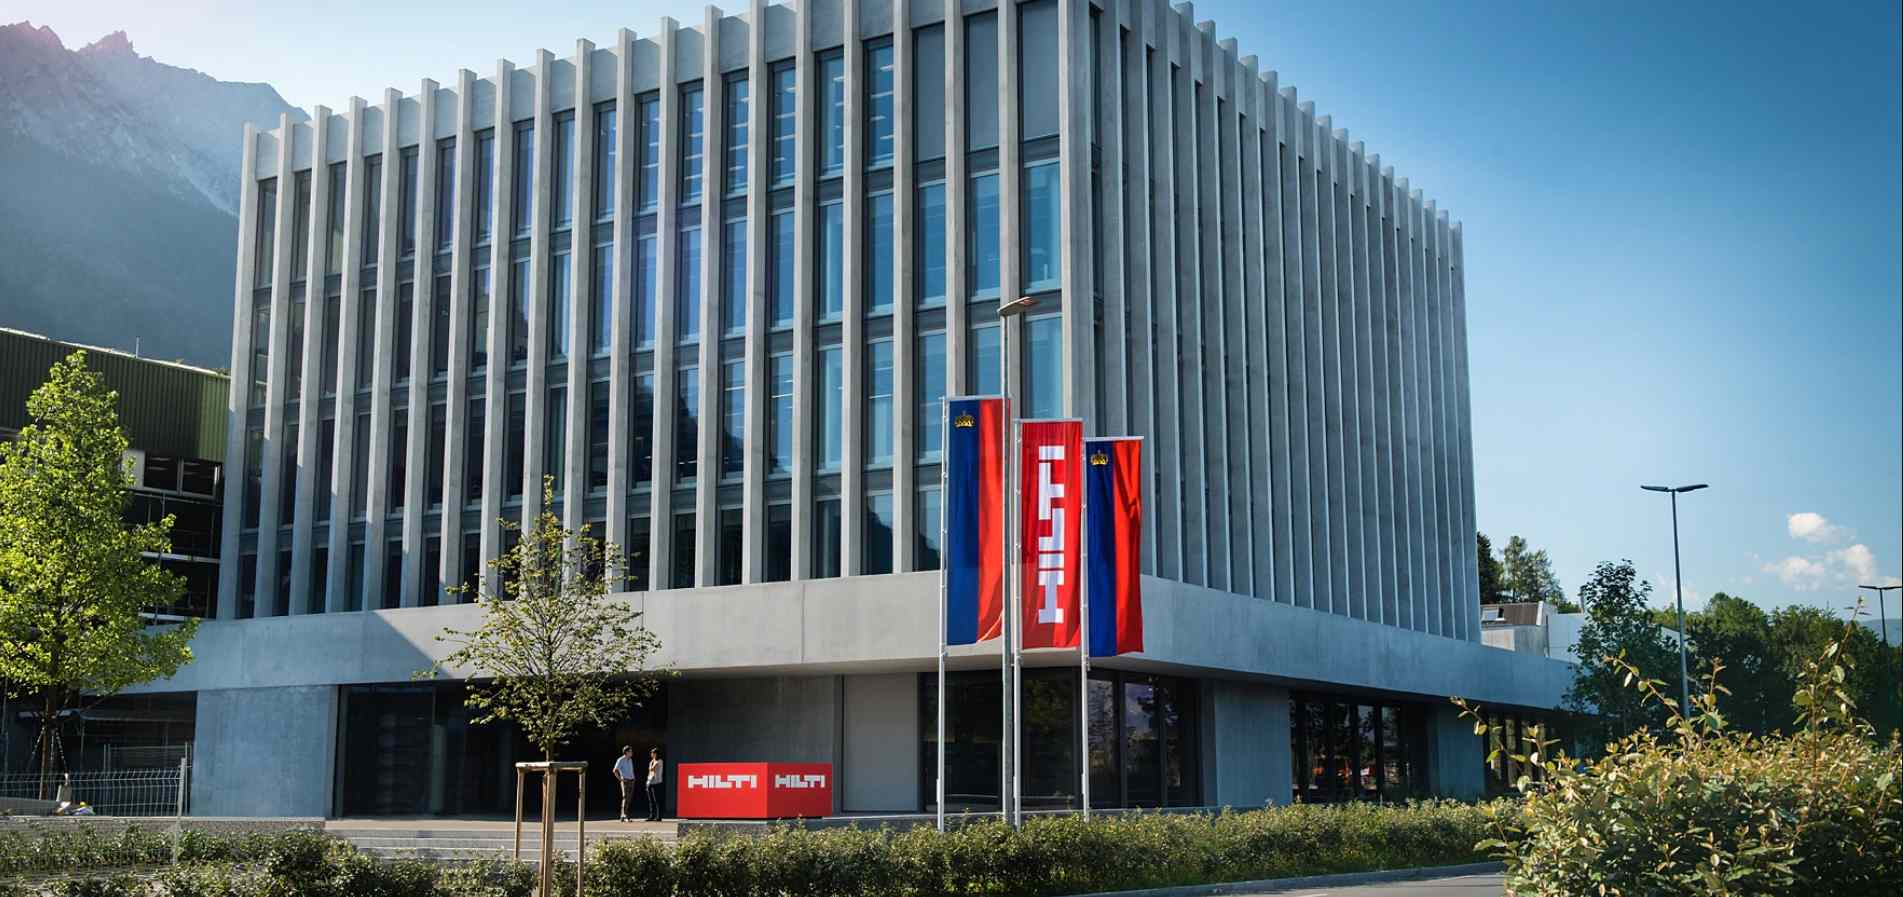 ساختمان مرکزی شرکت هیلتی